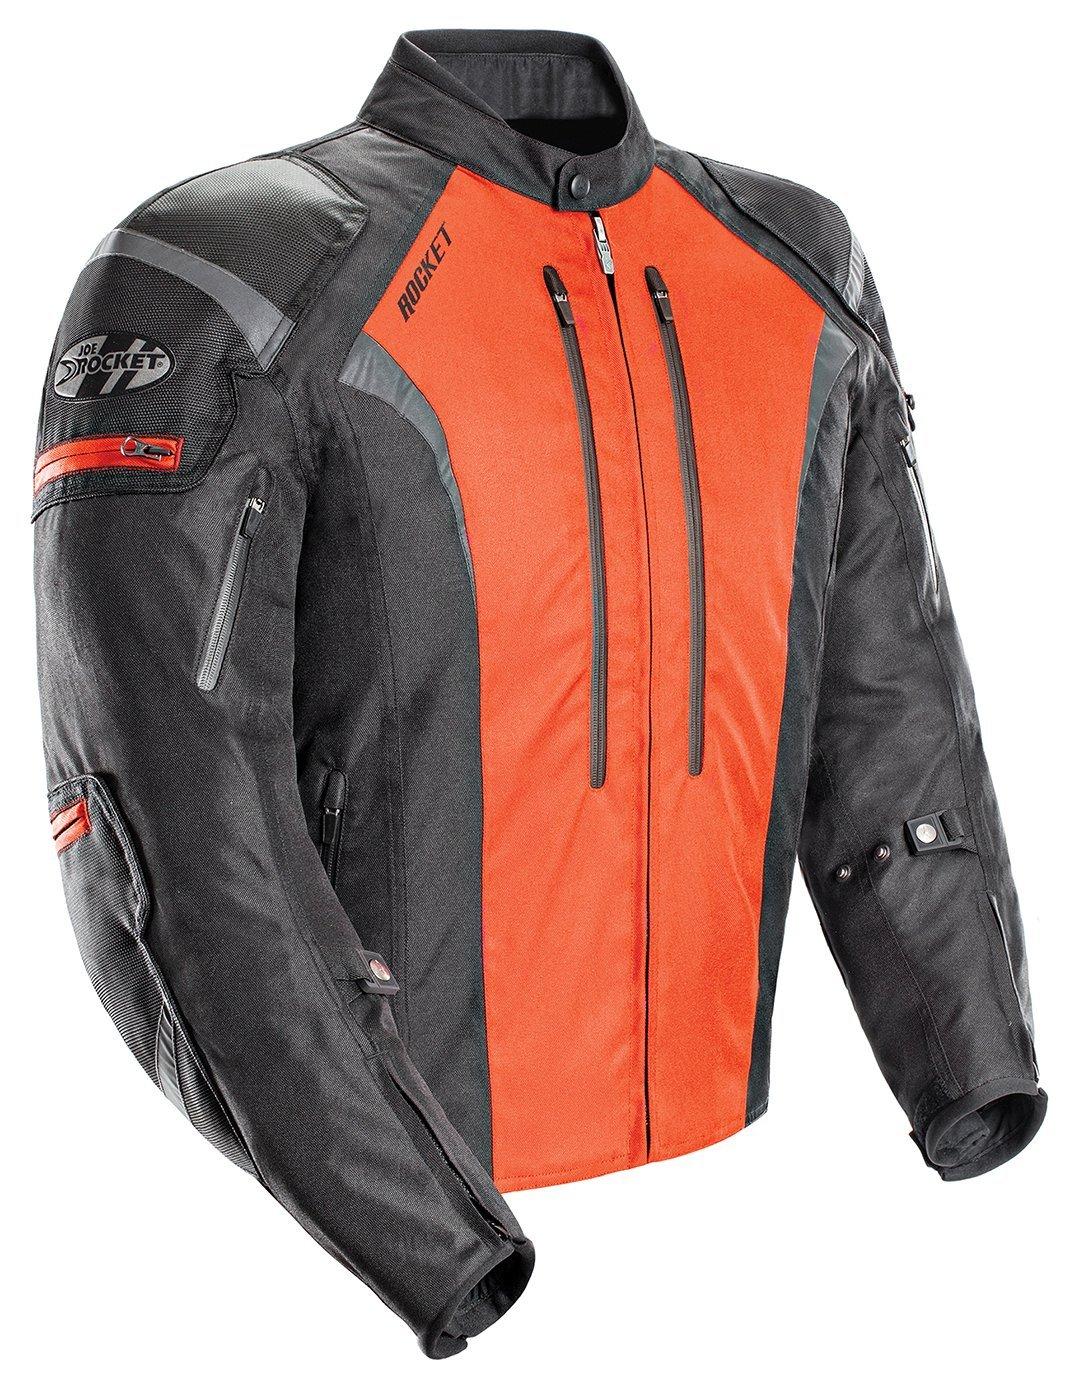 Joe Rocket Atomic 5.0 Jacket XXXXX-Large Black//Black